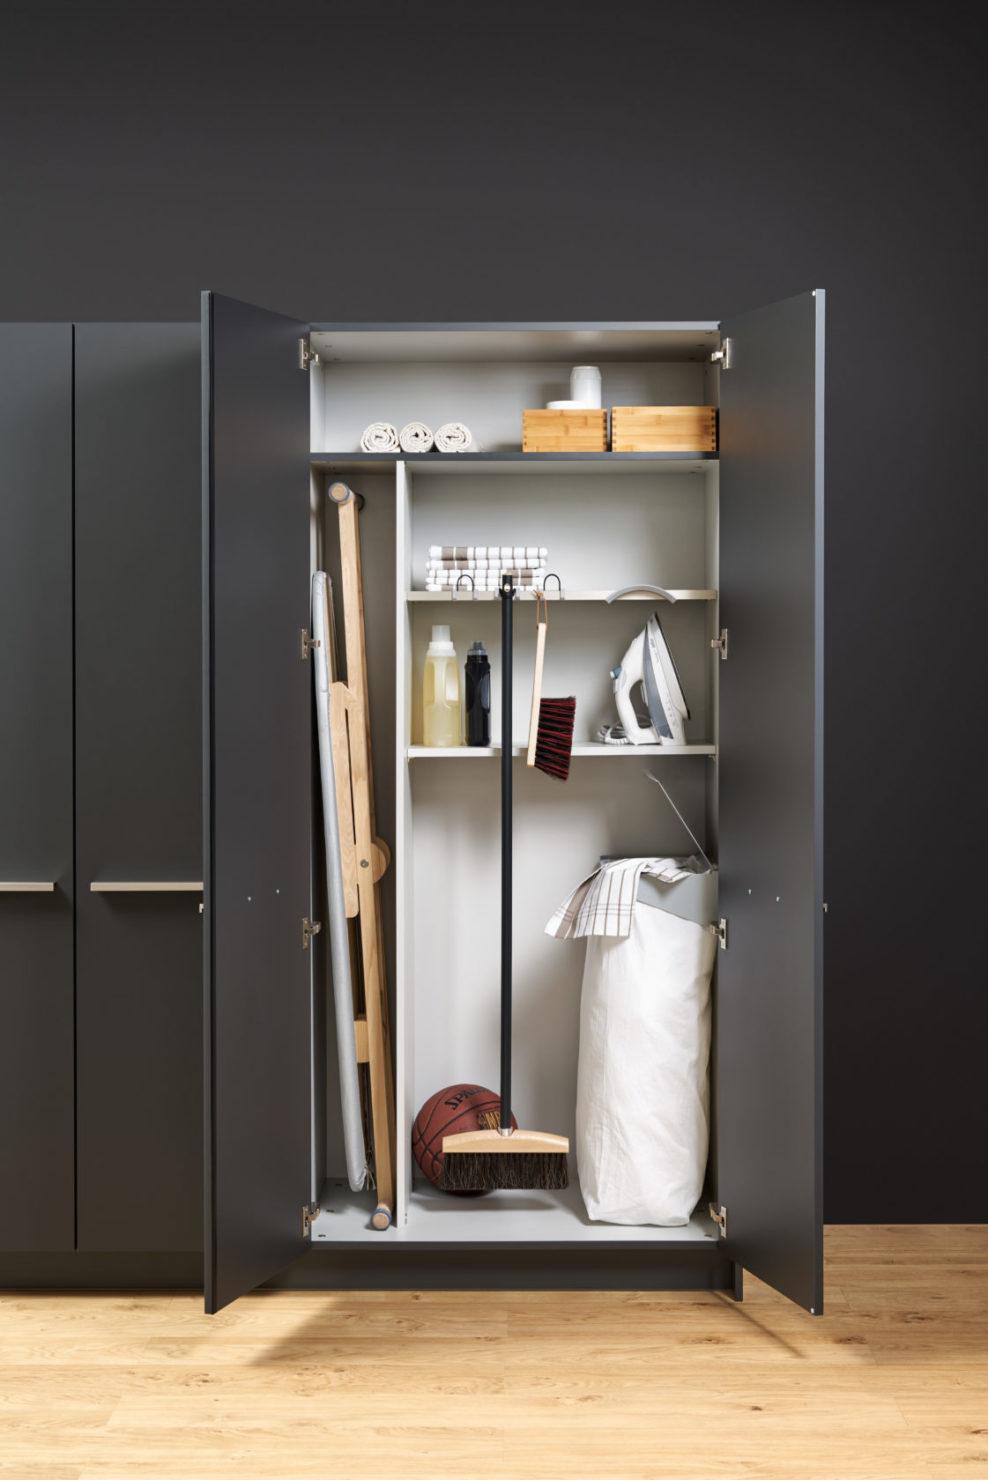 neue leicht k chenschr nke hauswirtschaftsschrank. Black Bedroom Furniture Sets. Home Design Ideas